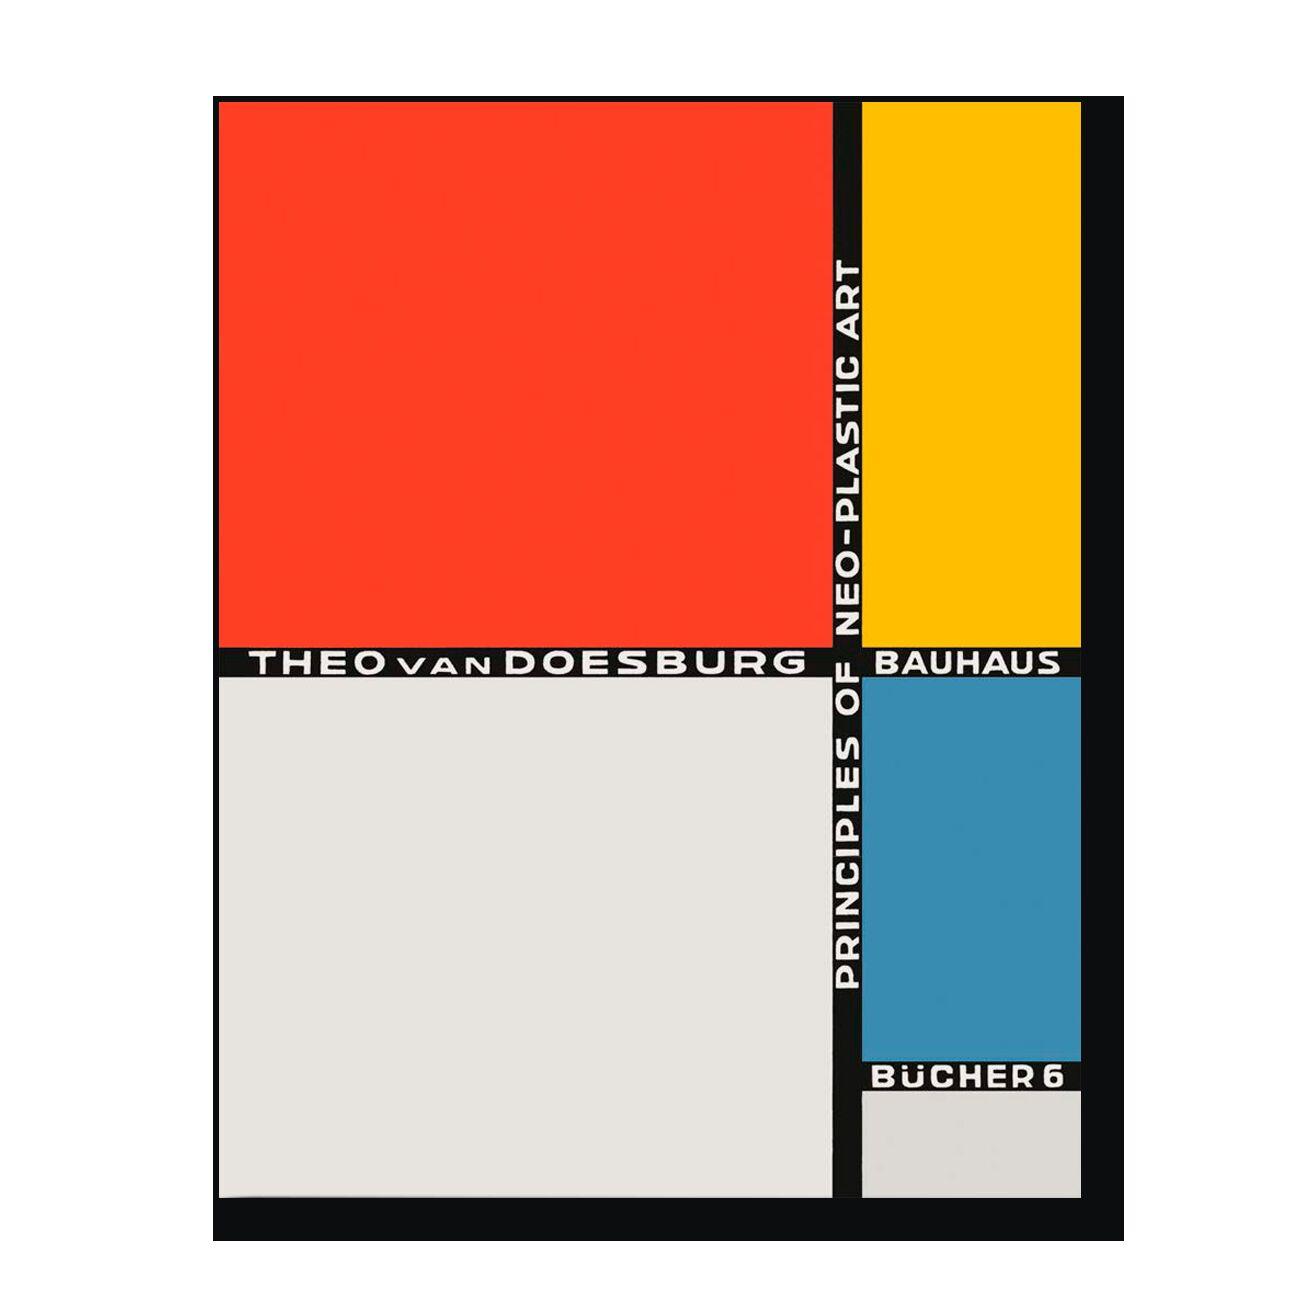 Theo van Doesburg: Principles of Neo-Plastic Art: Bauhausbücher 6